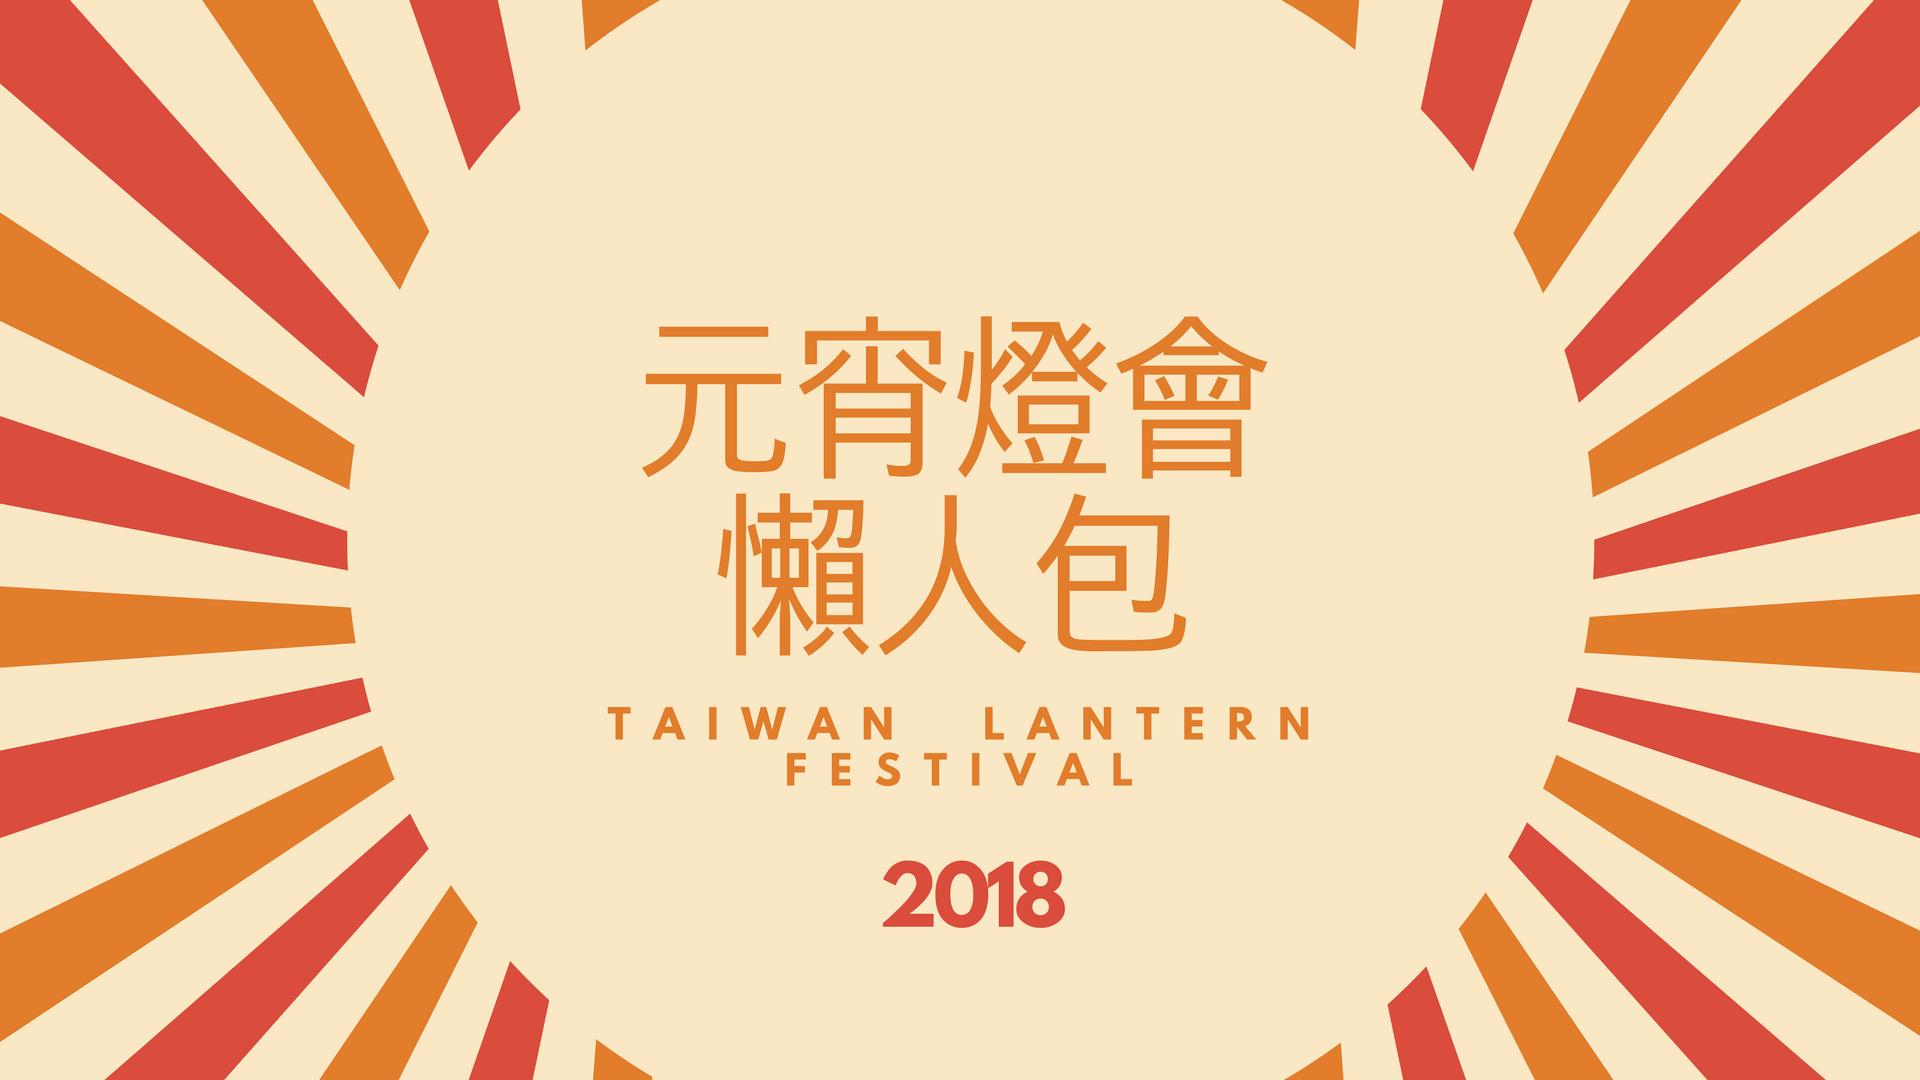 2018 元宵節燈會活動全台懶人包 (更新中)